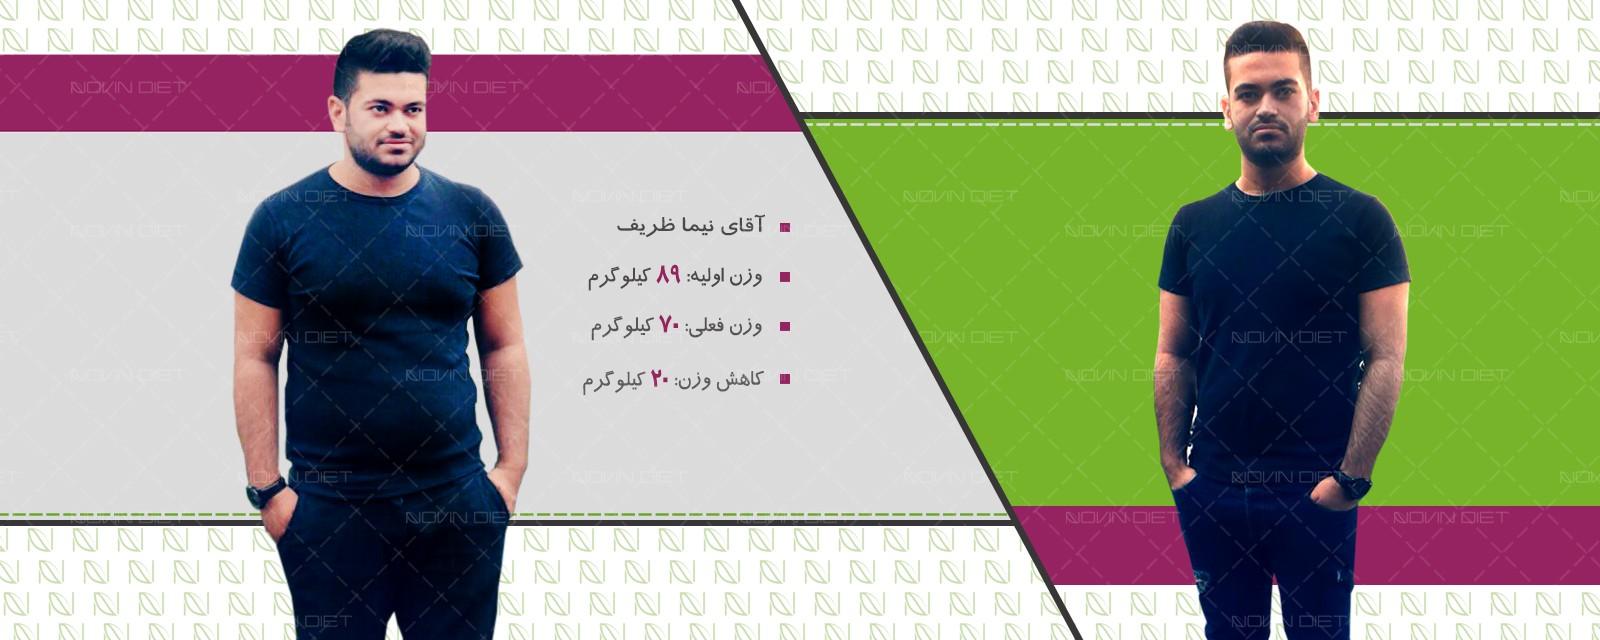 آقای ظریف با 19 کیلو کاهش وزن